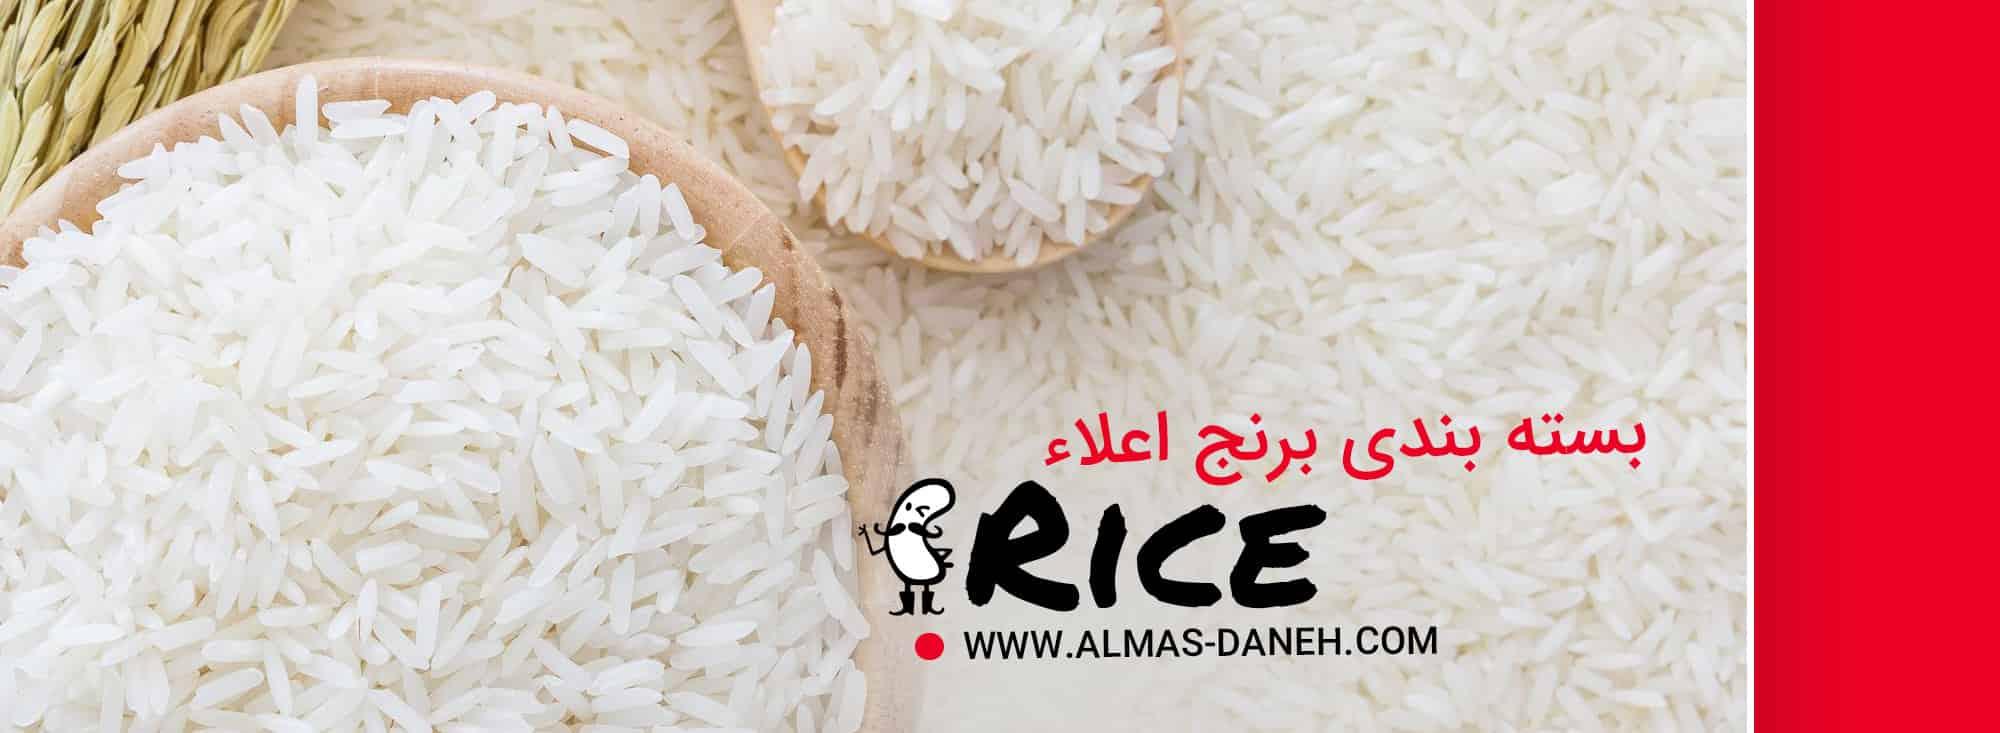 کارخانجات بسته بندی برنج الماس دانه